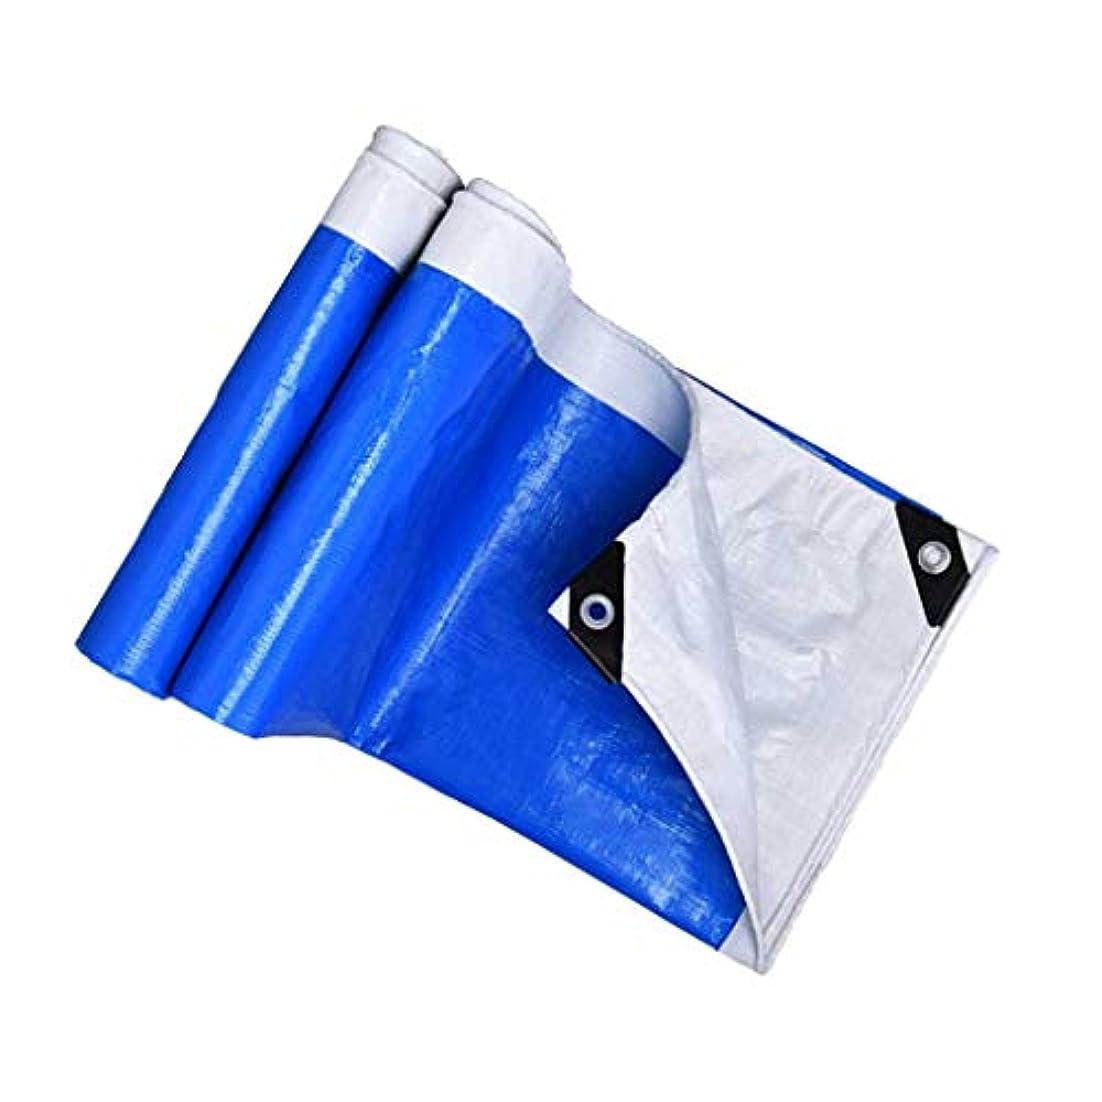 環境に優しい一元化するアームストロング防水シート厚手防水防水シートシート屋外キャンプ用プレミアム品質カバータープ (Size : 7mx5m)